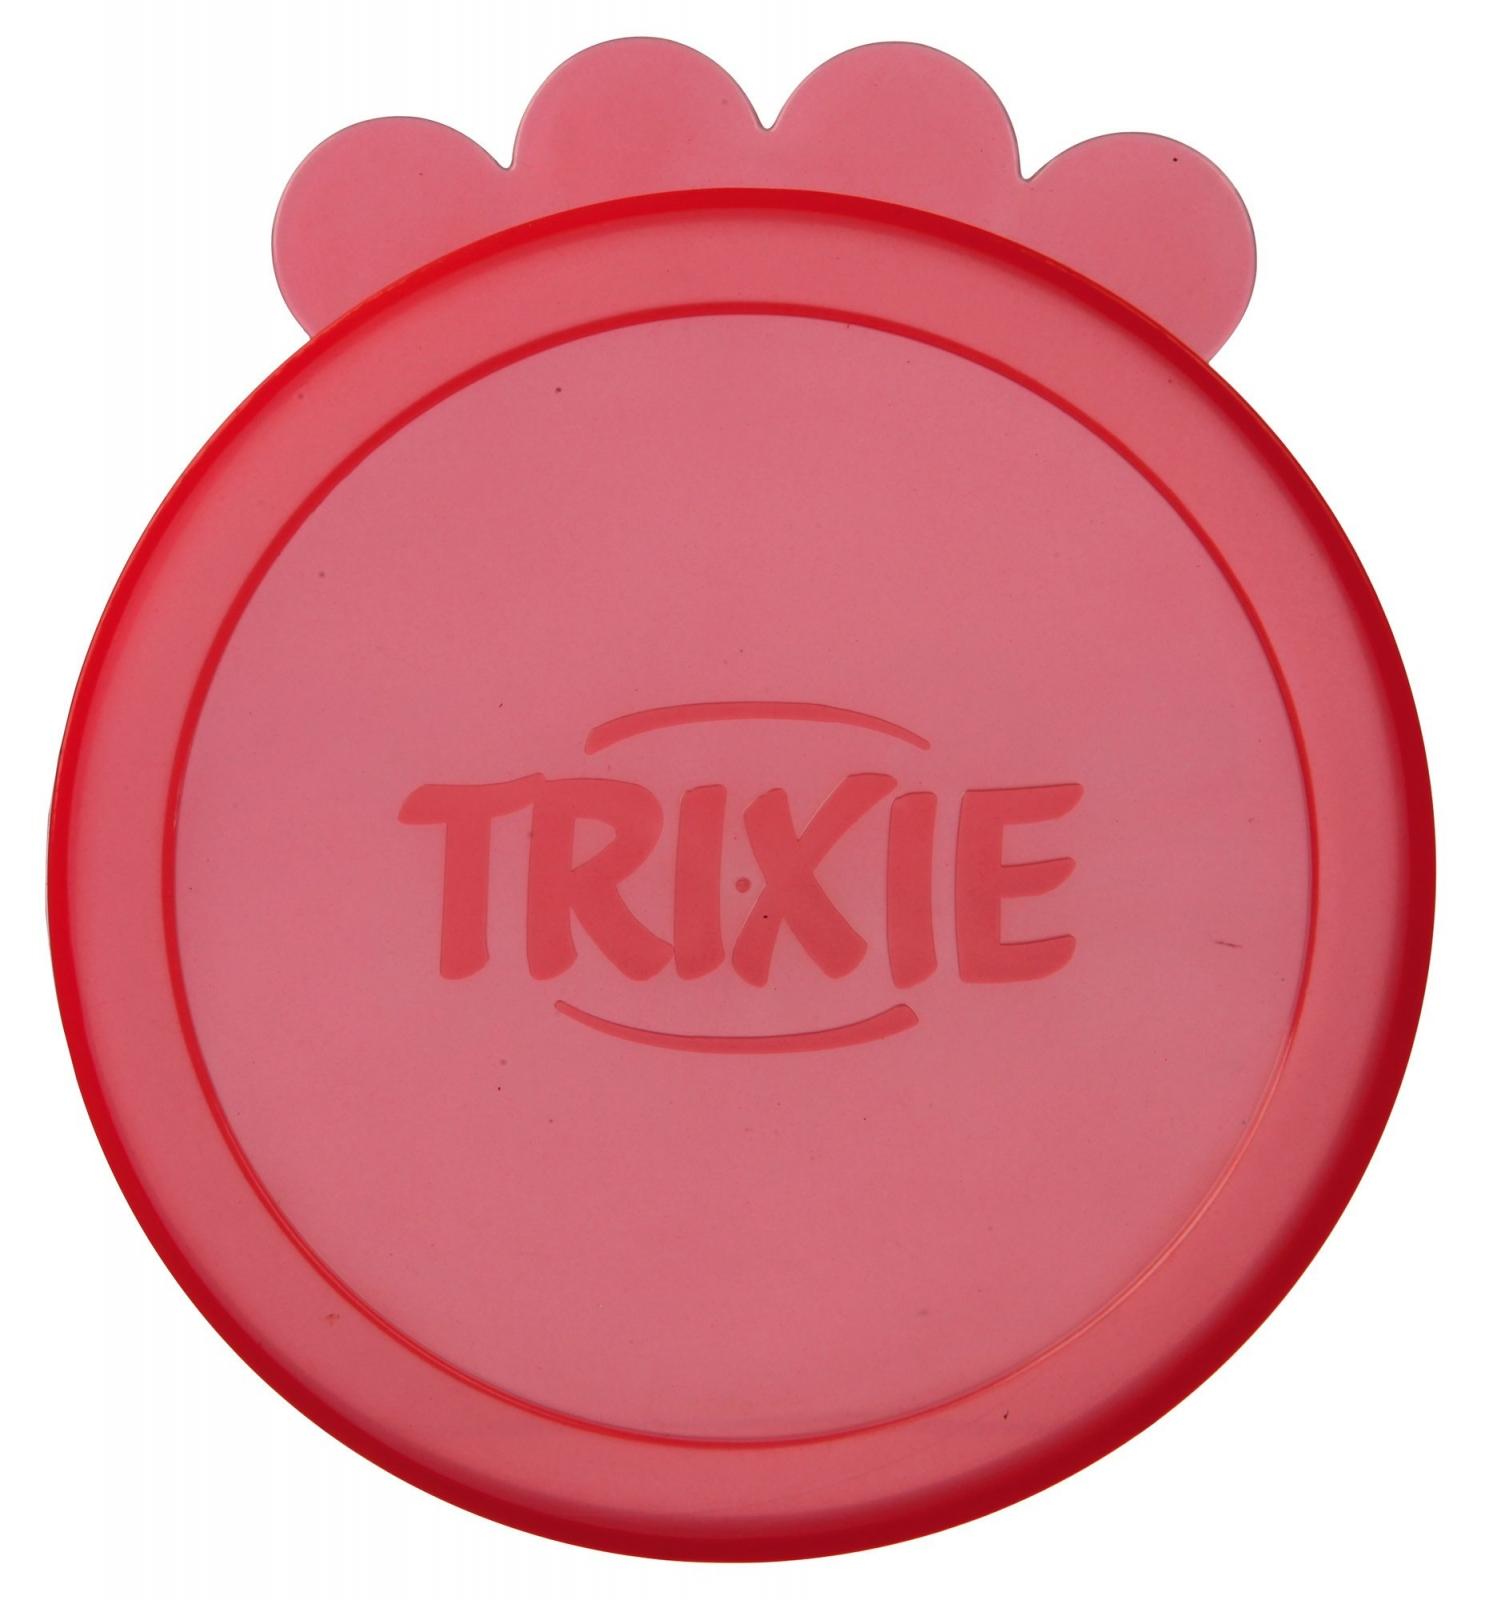 Trixie Capac Plastic pentru Conserve, 2 bucati